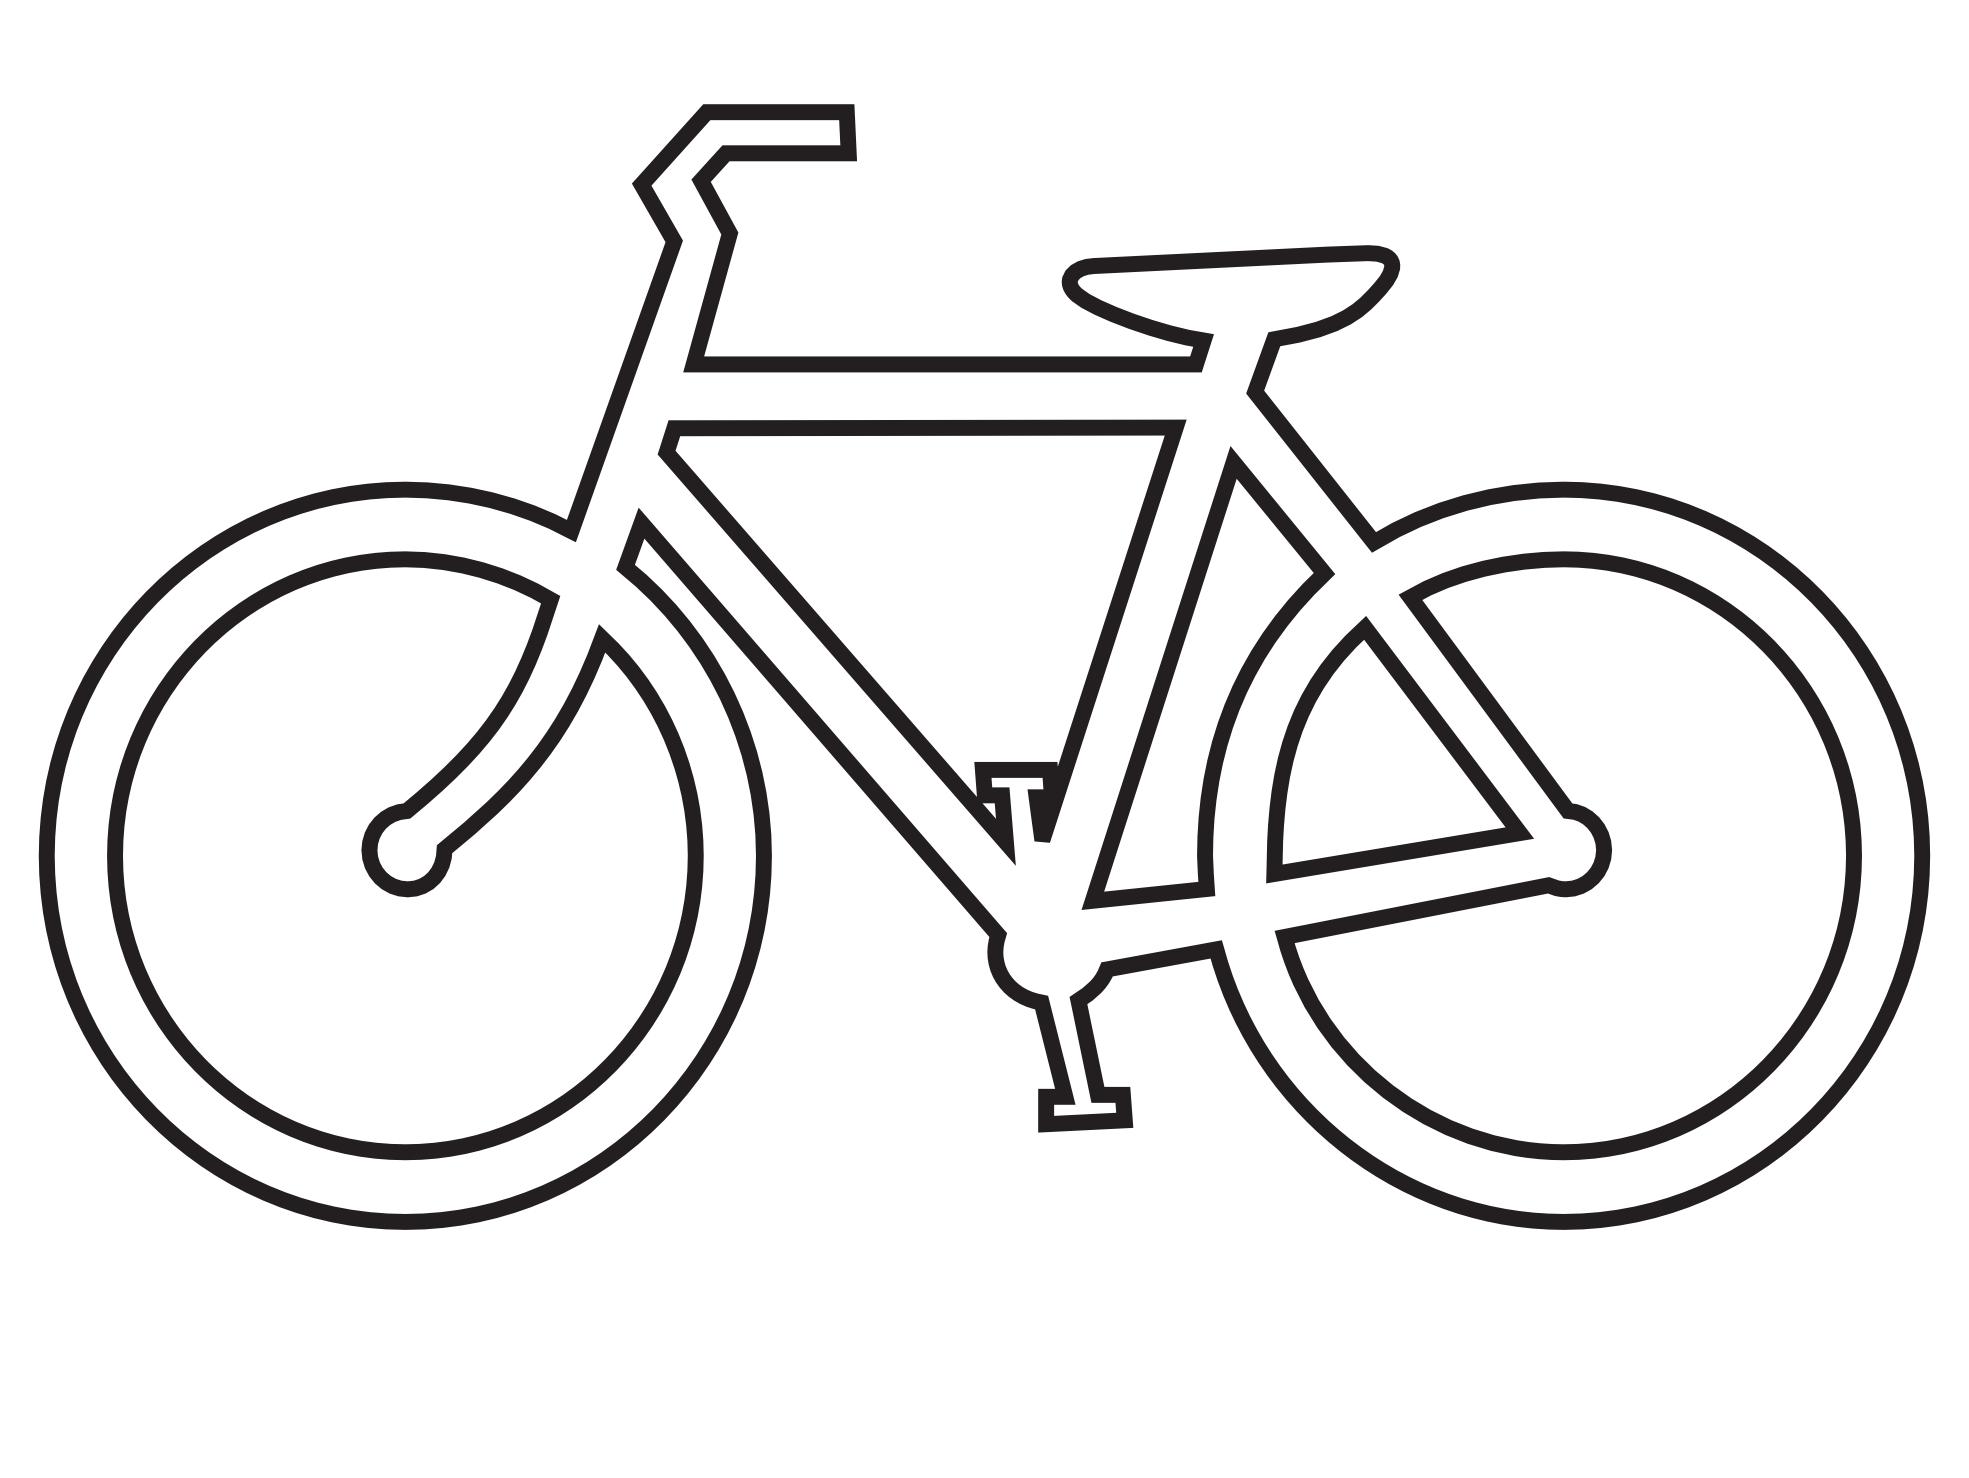 Dibujos de bicicletas para colorear y pintar imprimir free - Dibujos naif para pintar ...